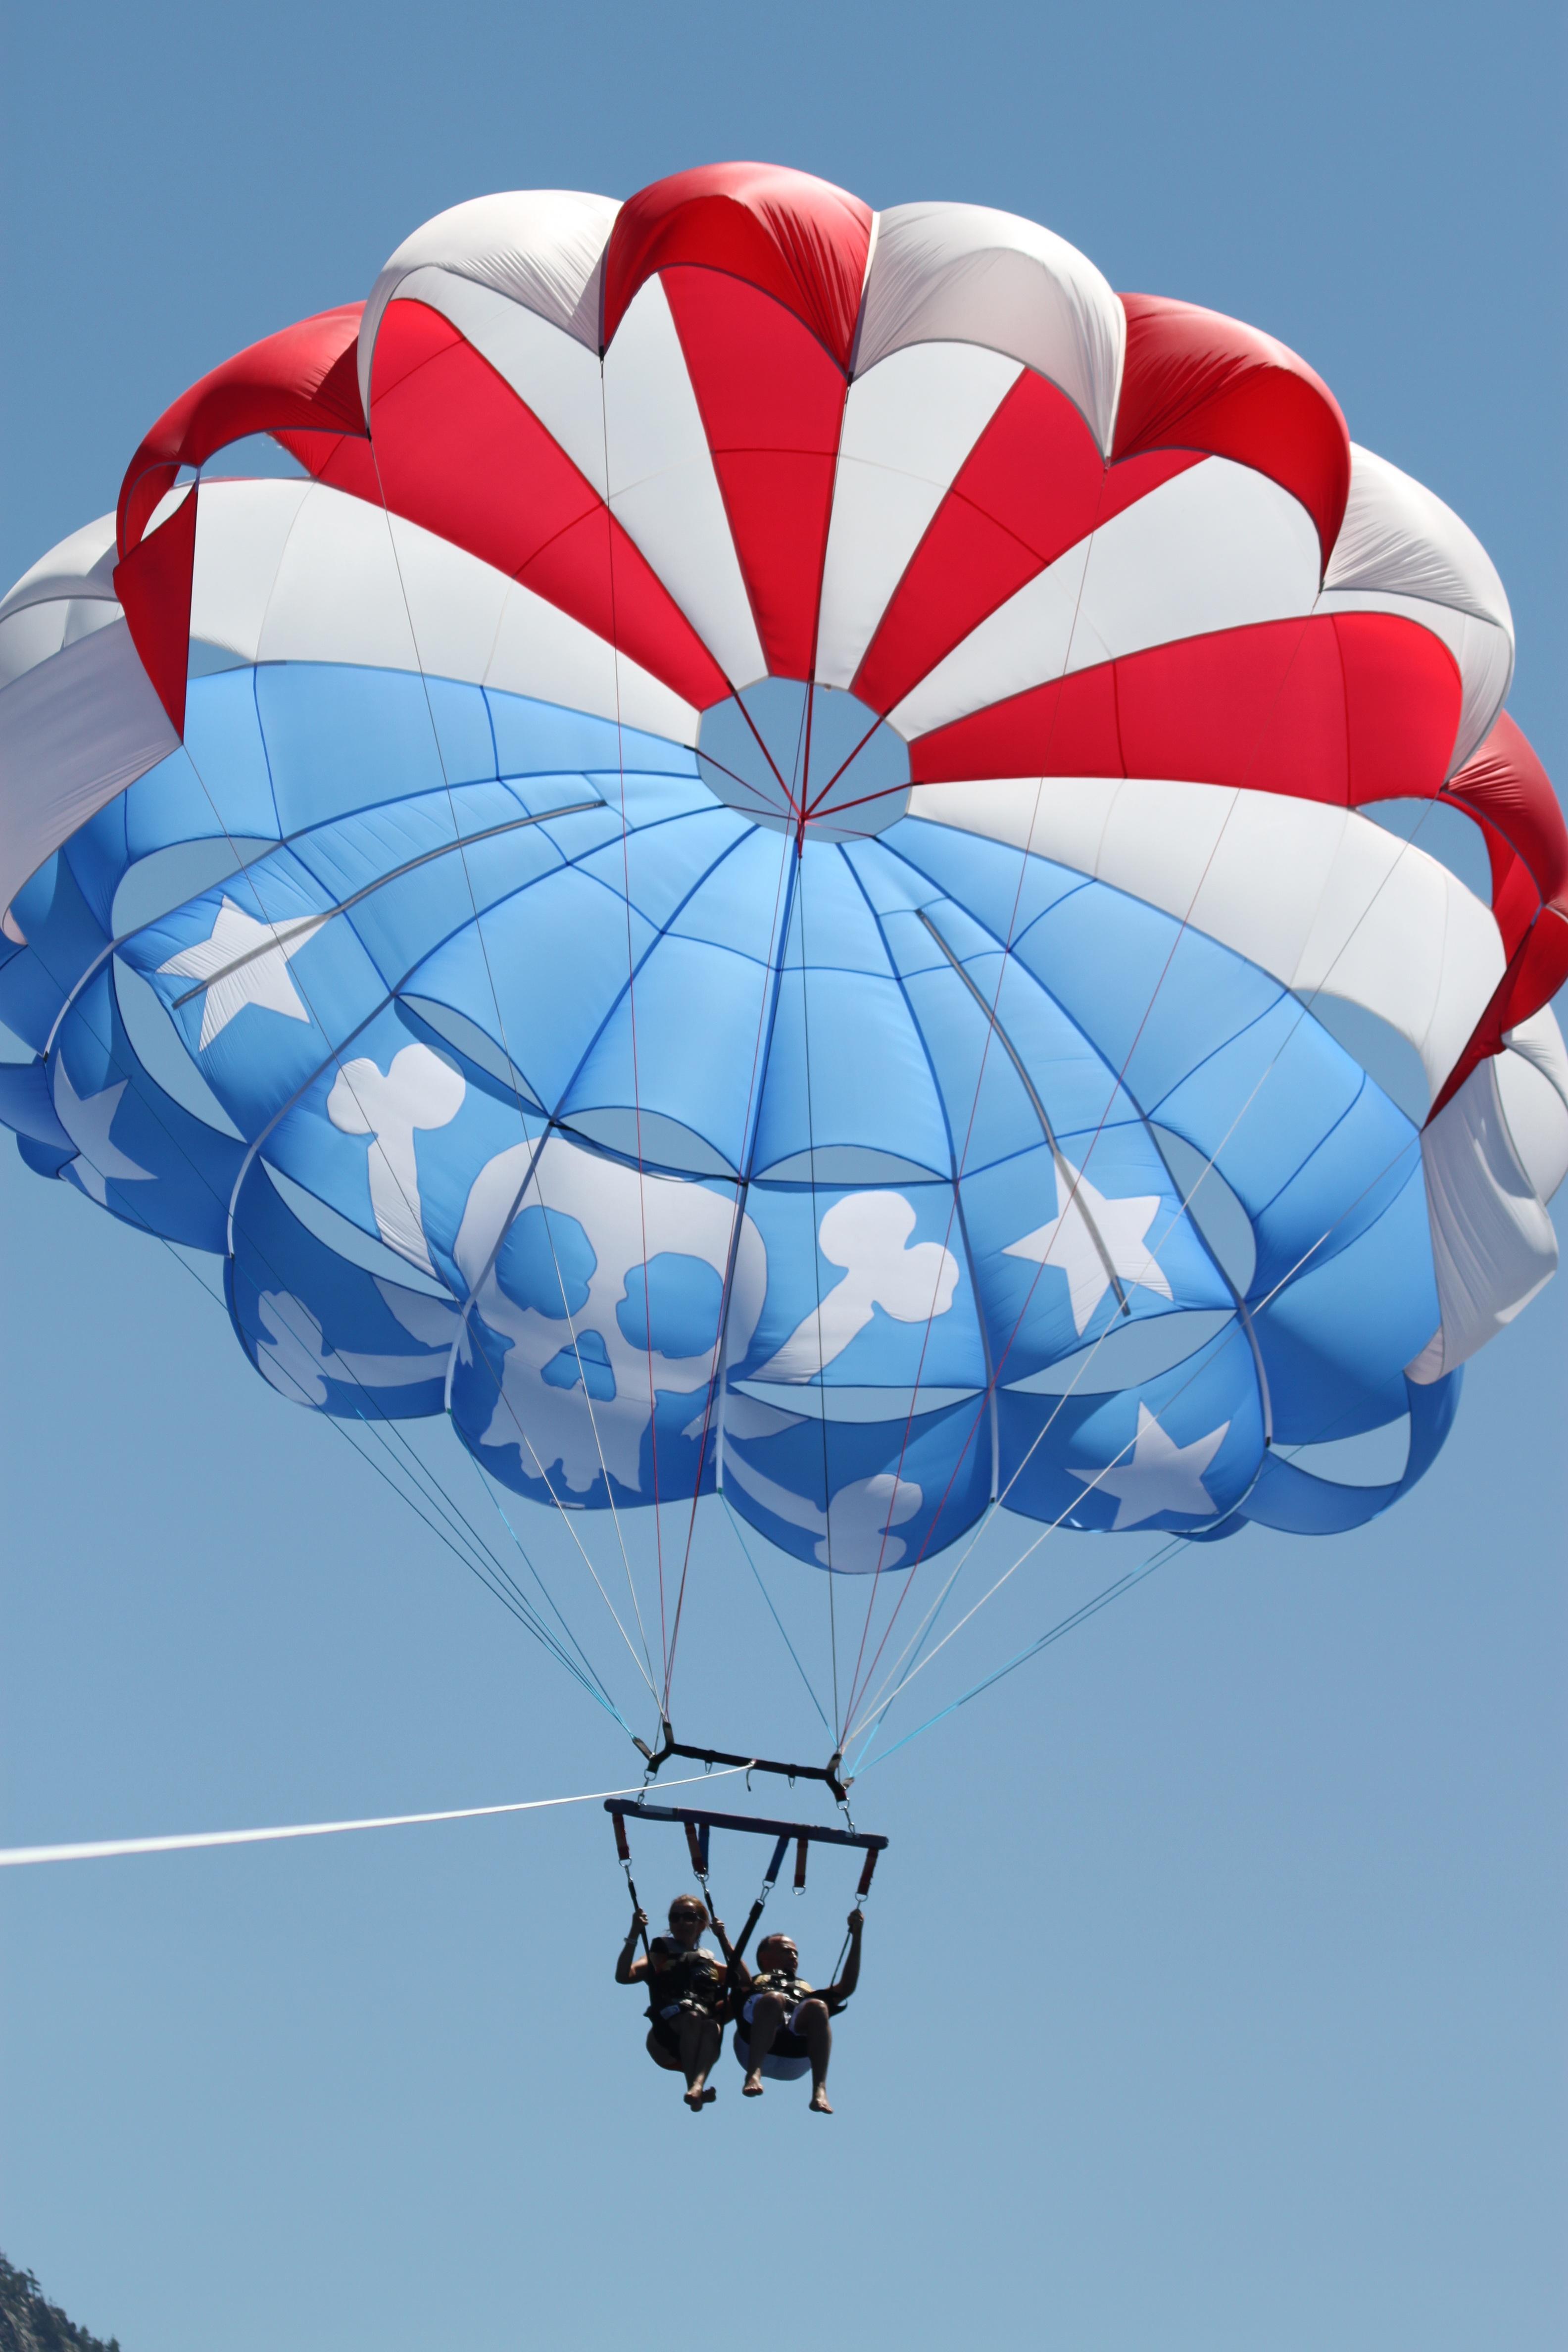 присутствует регулировка виды парашютов их картинки странице галерее